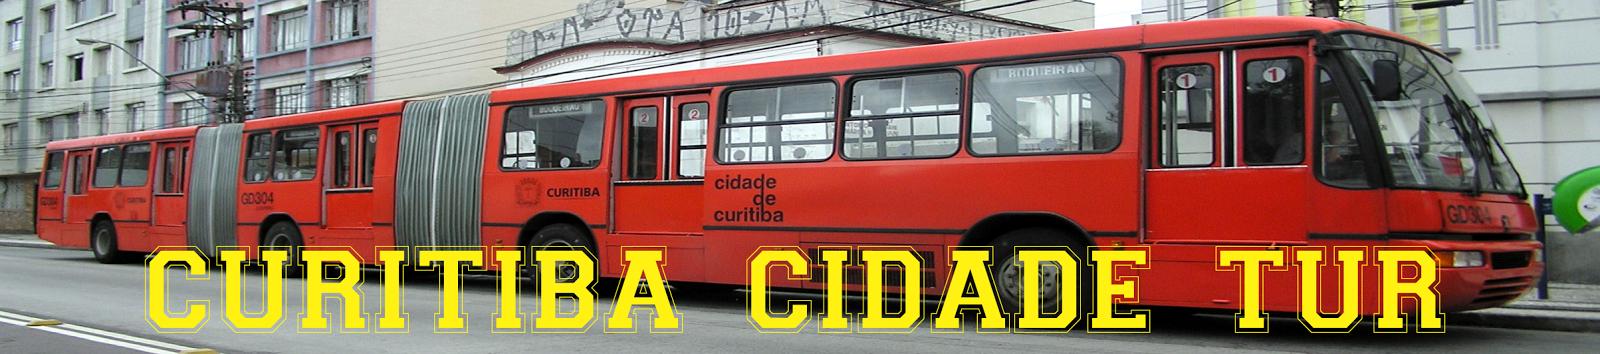 Curitiba Cidade Tur